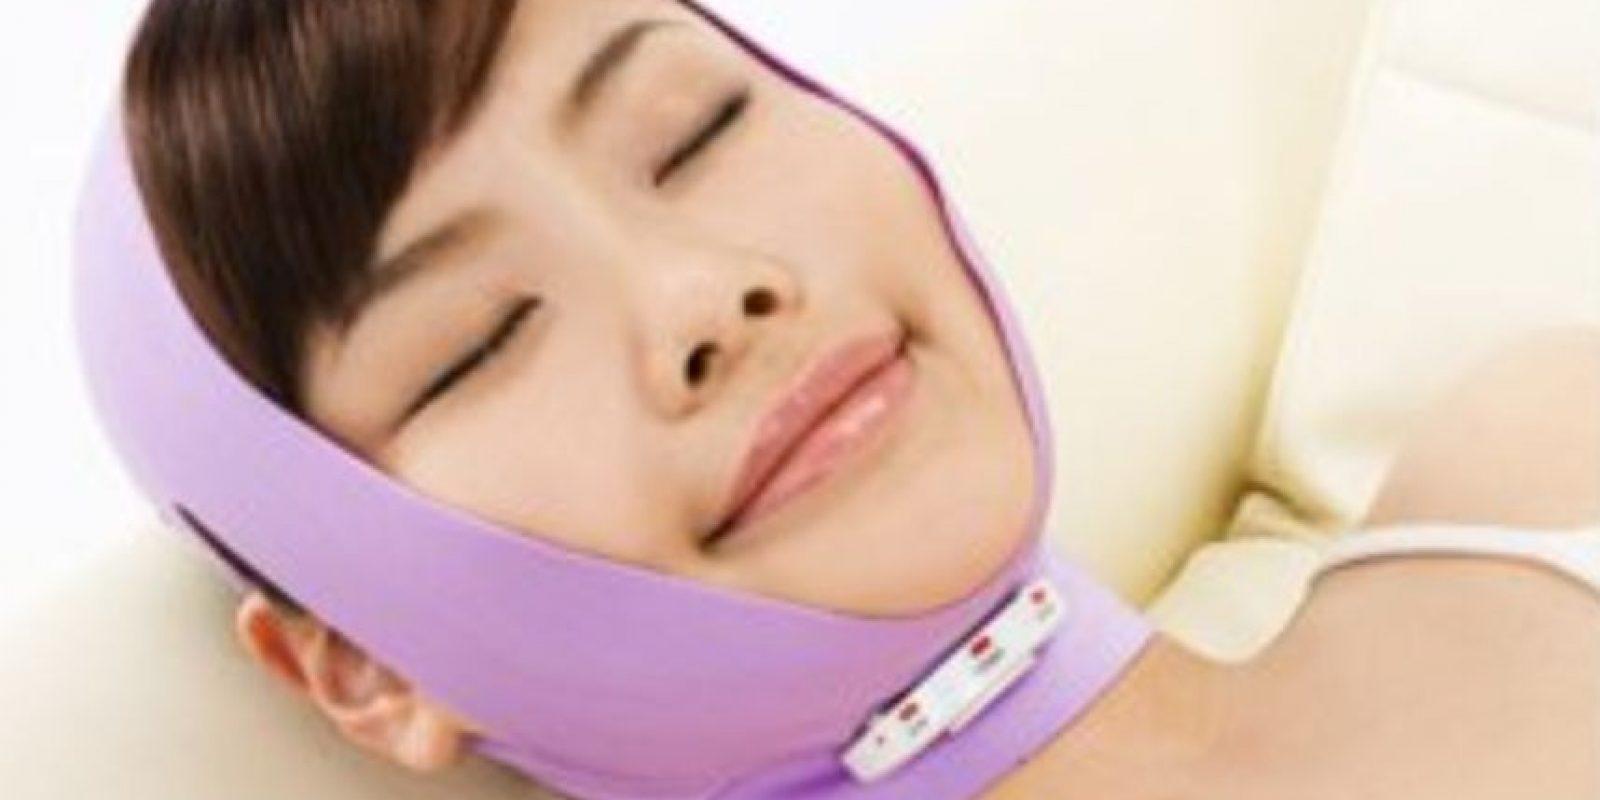 Este invento pretende combatir la flacidez en las mejillas. Foto: japantrendshop.com